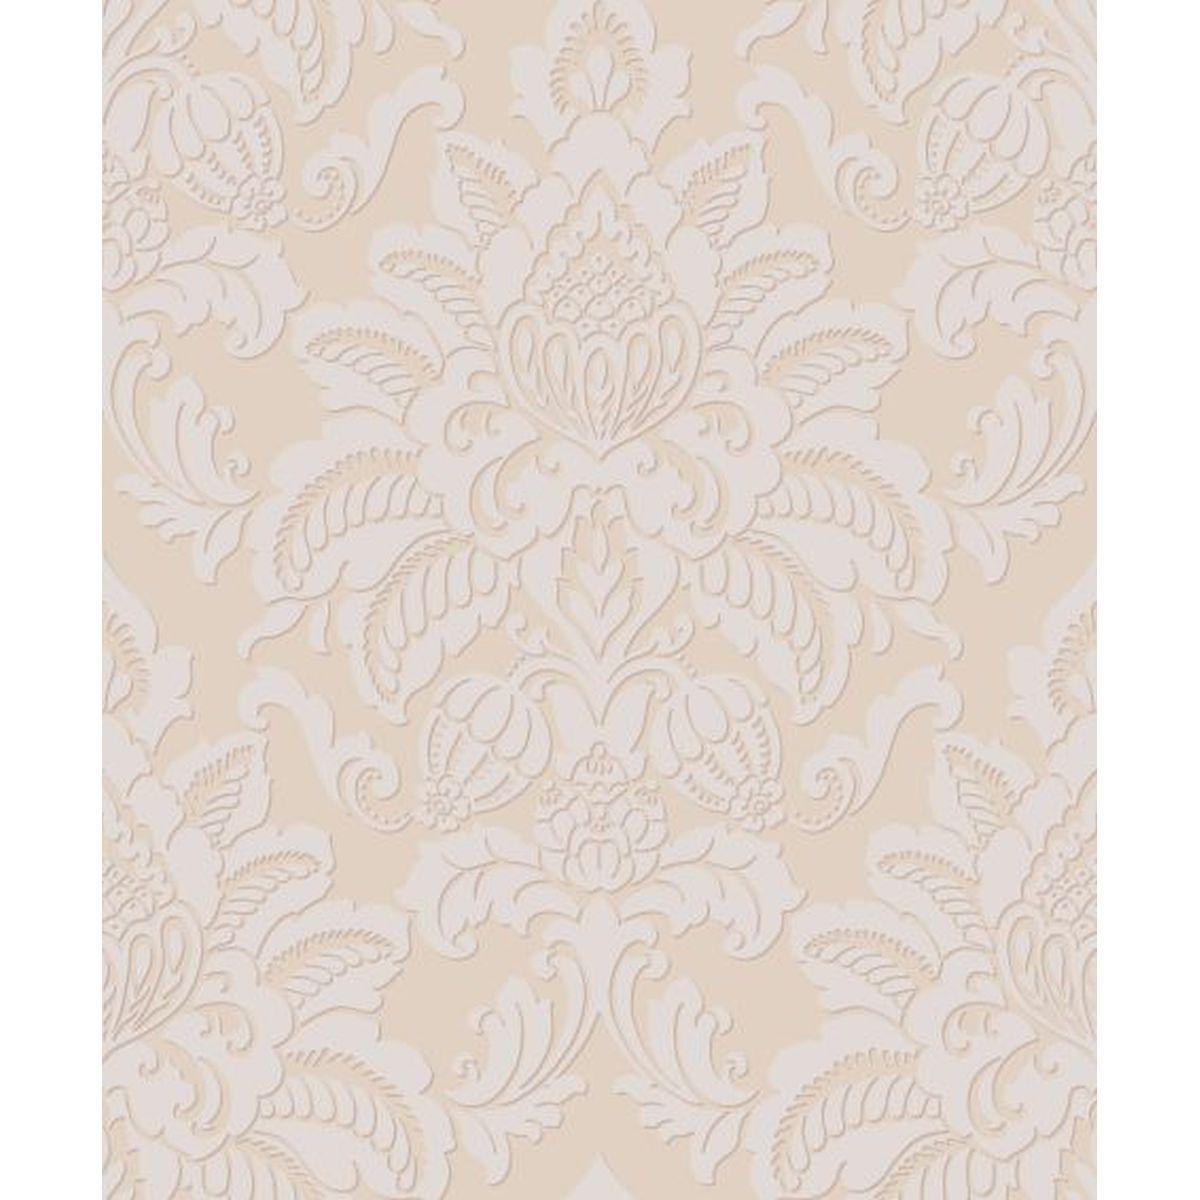 Best of Arthouse Vliestapete Qualitätsvolle Tapete 903700 Cremefarben Blumentapete